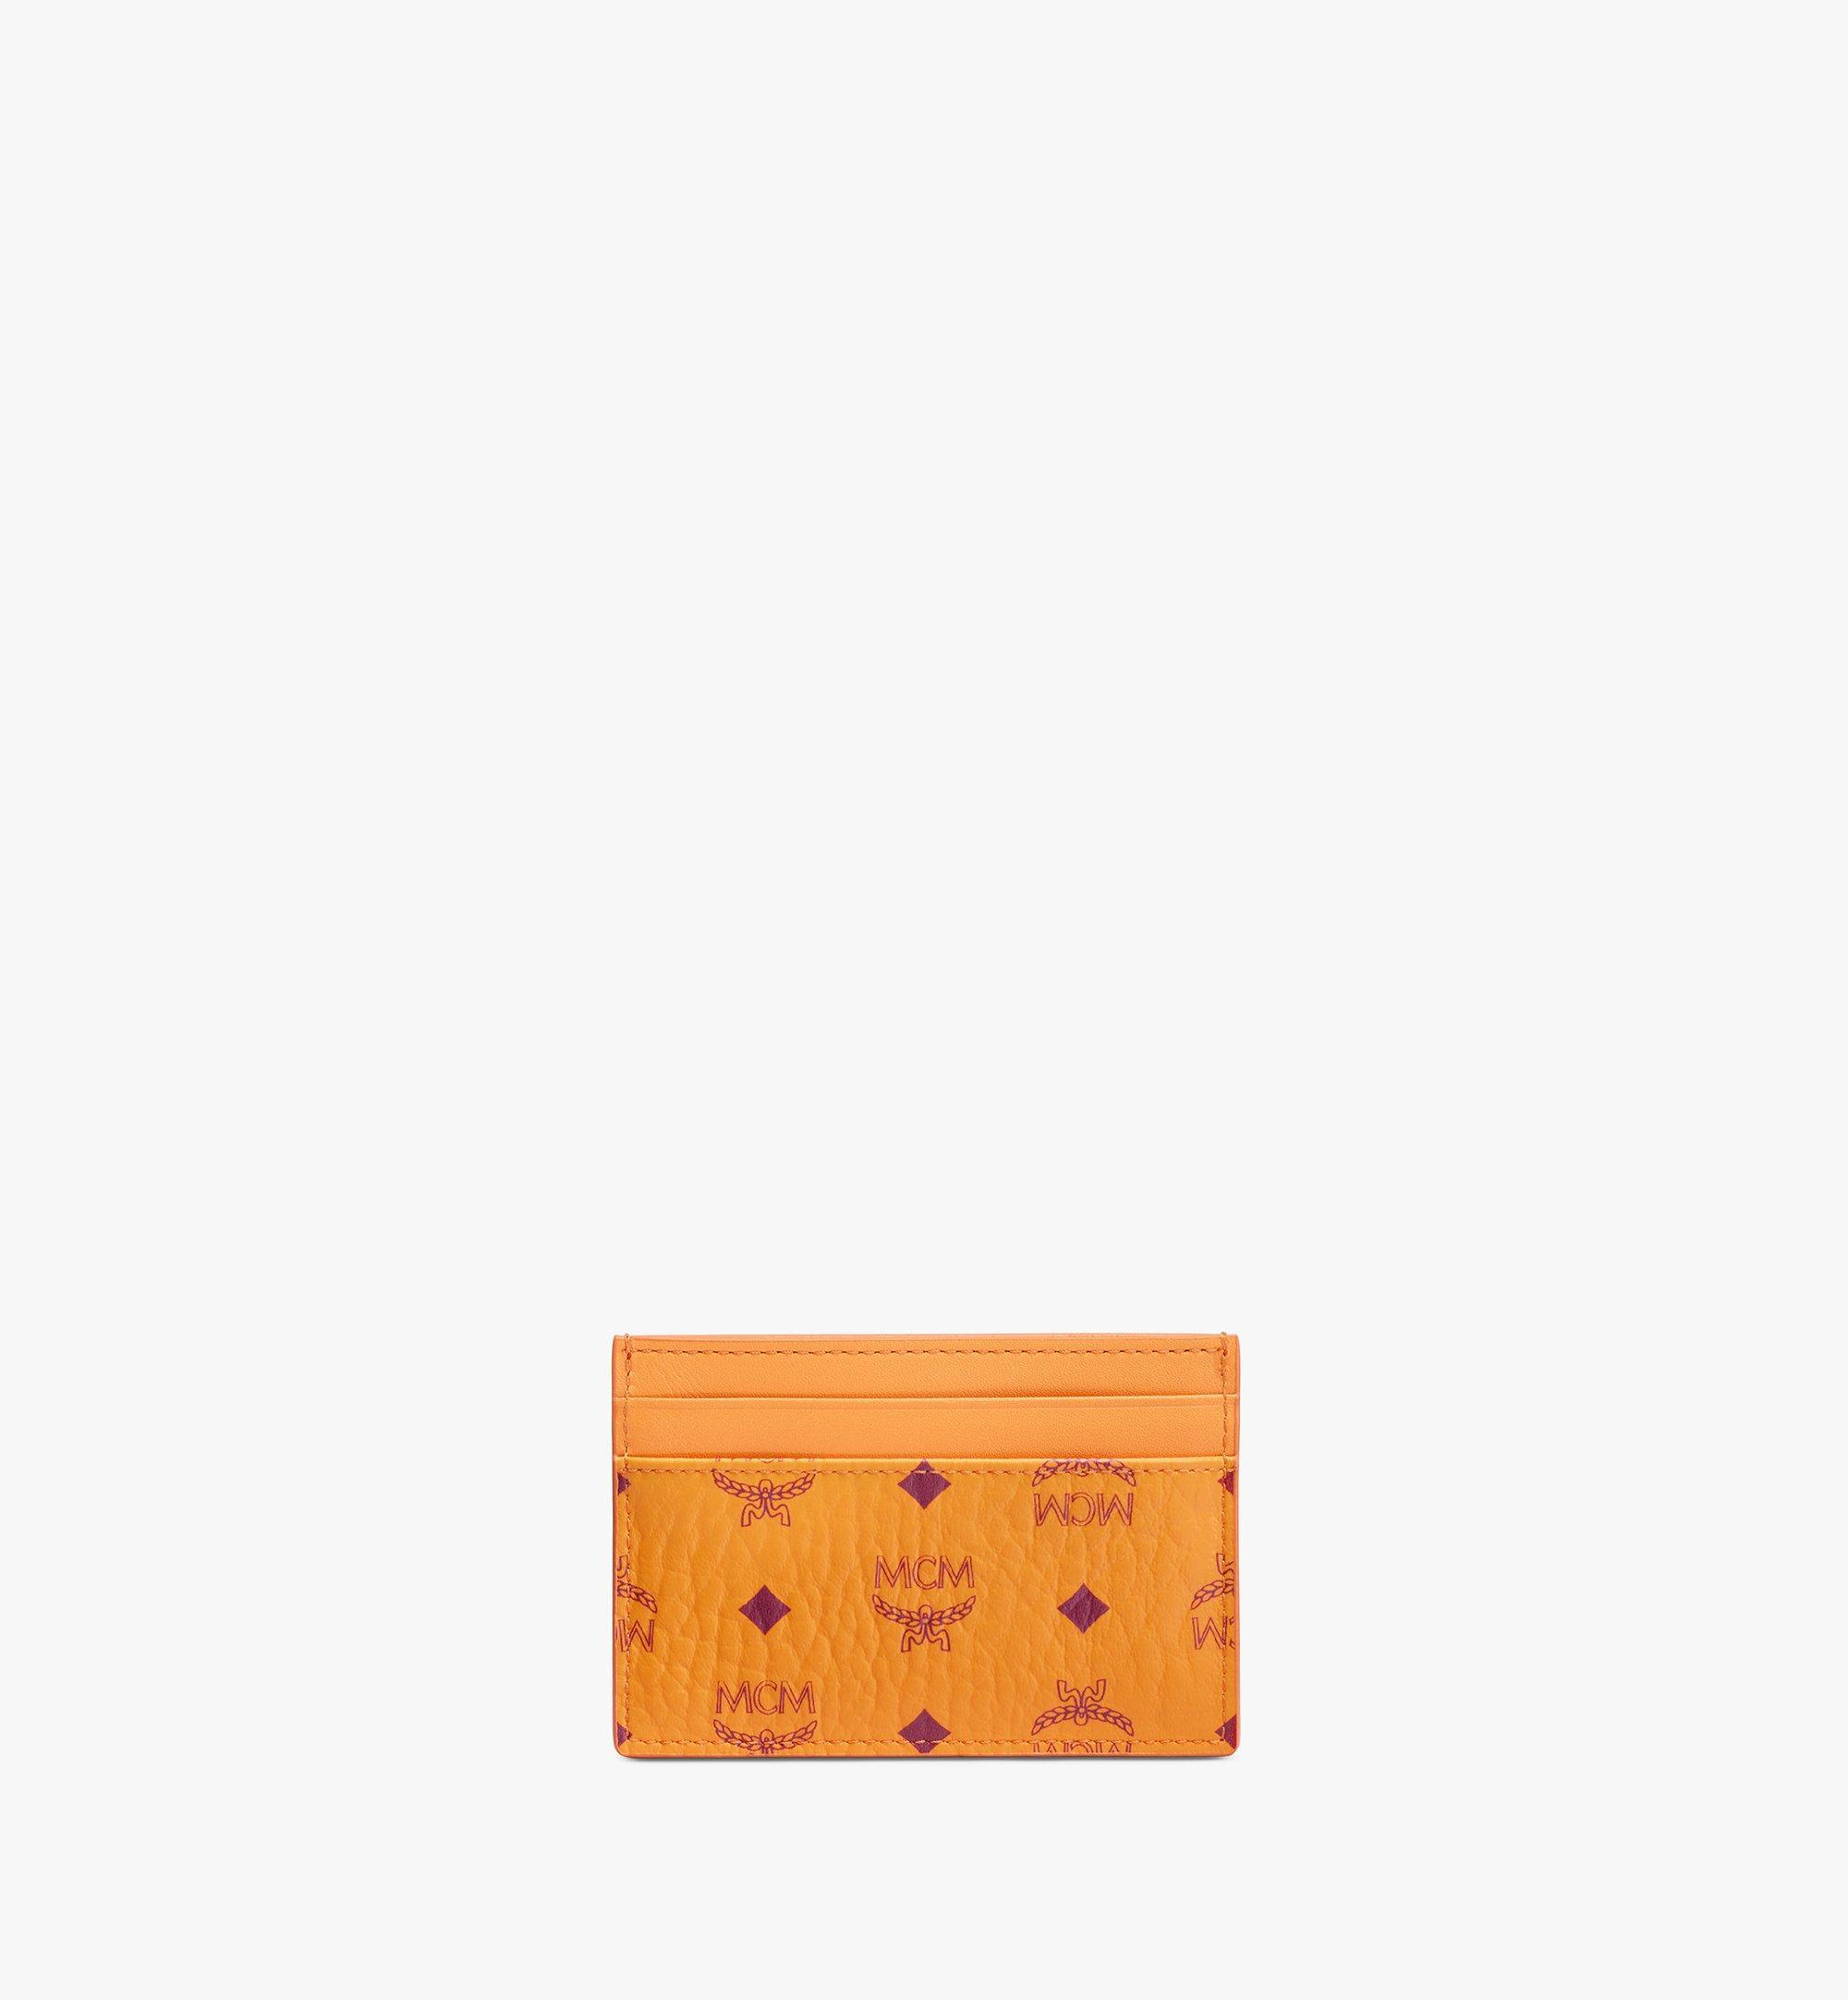 MCM Card Case in Visetos Original Orange MXAAAVI01O5001 Alternate View 1